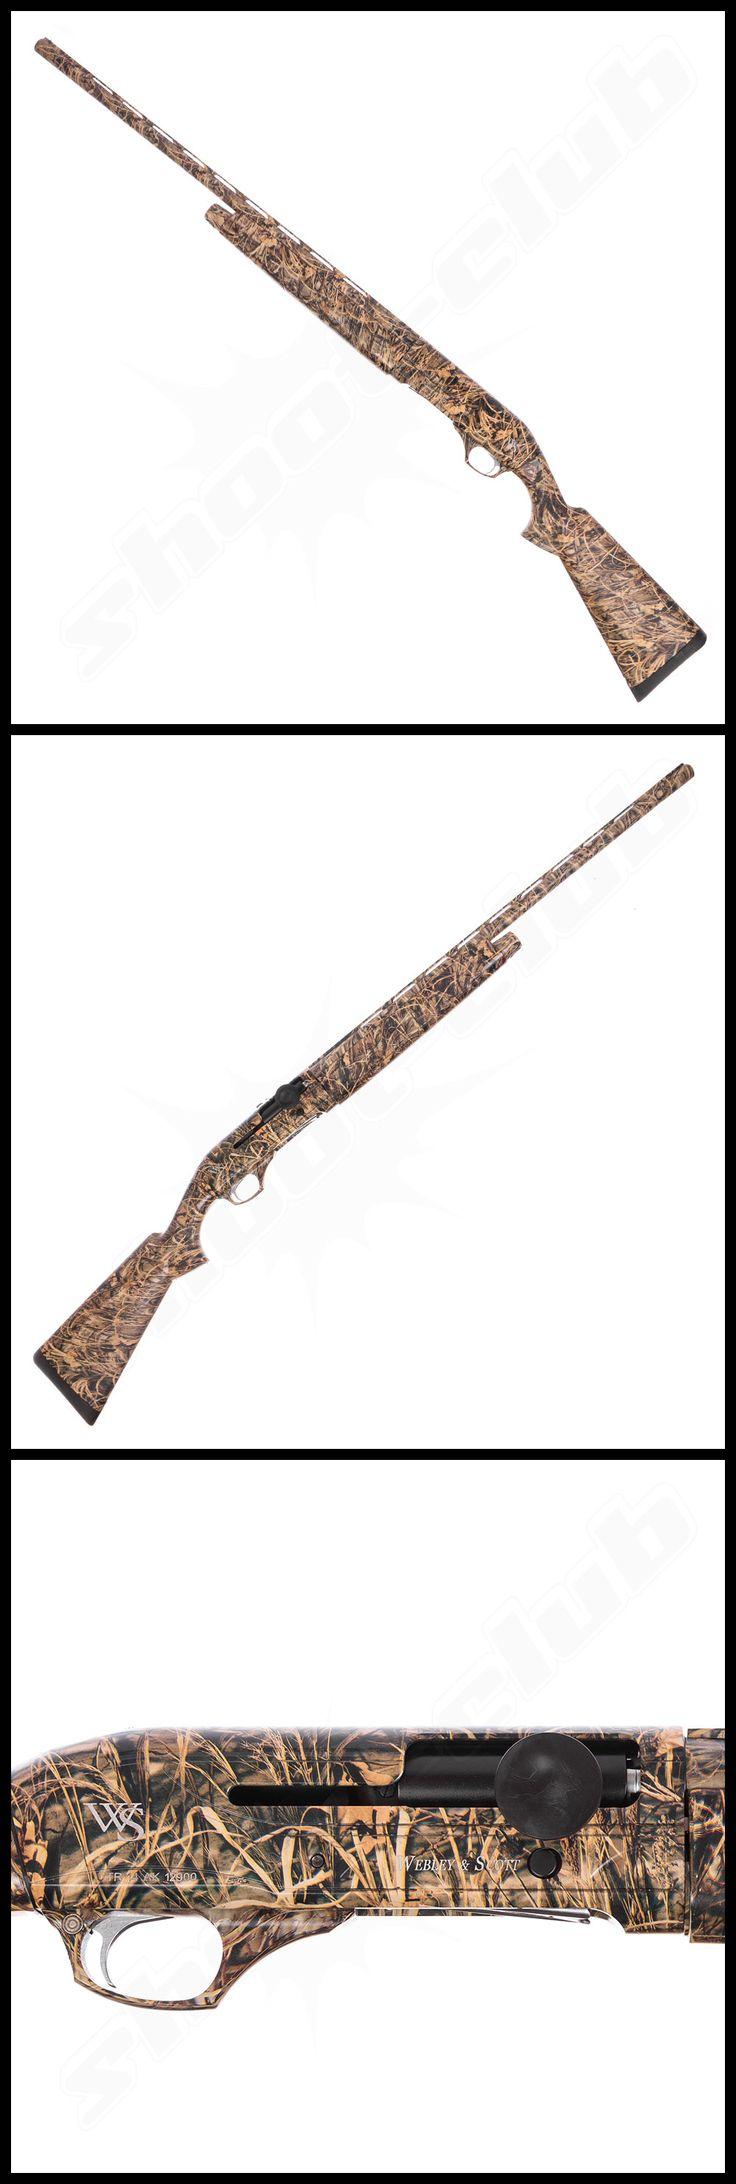 Webley & Scott 812 Camo Inertia, SLF 12/76    - weitere Informationen und Produkte findet Ihr auf www.shoot-club.de -    #shootclub #guns